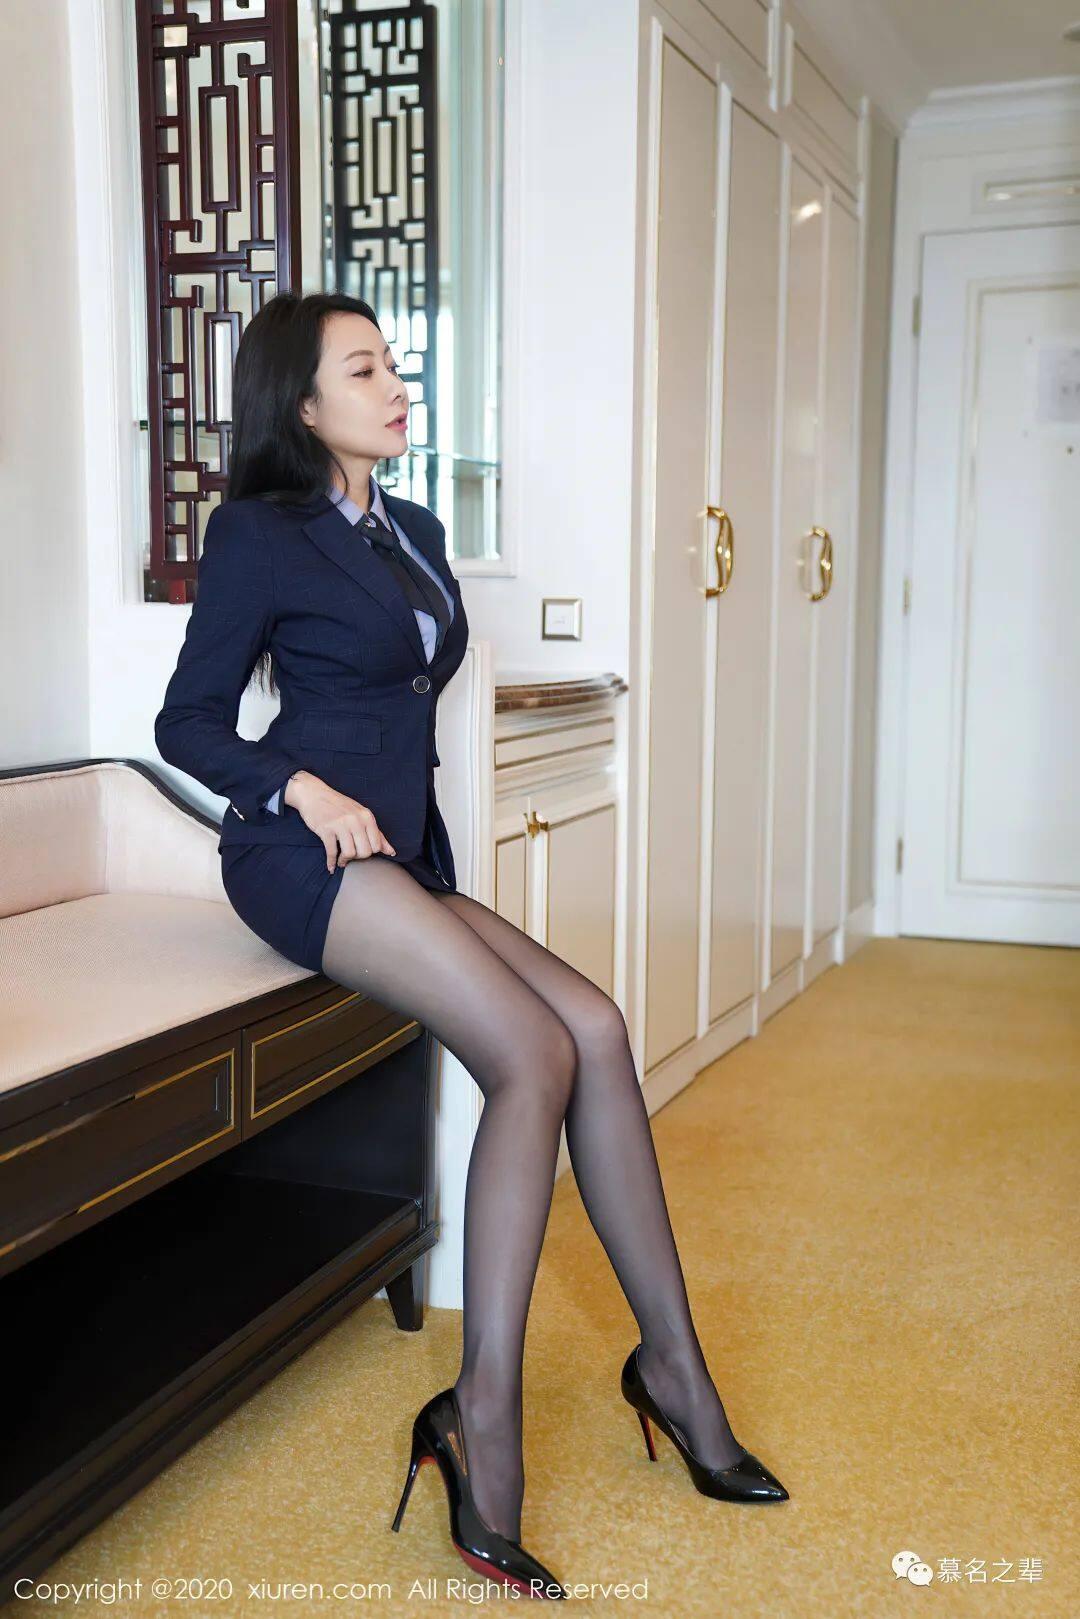 私房模特写真——松果儿Victoria(F罩杯)35